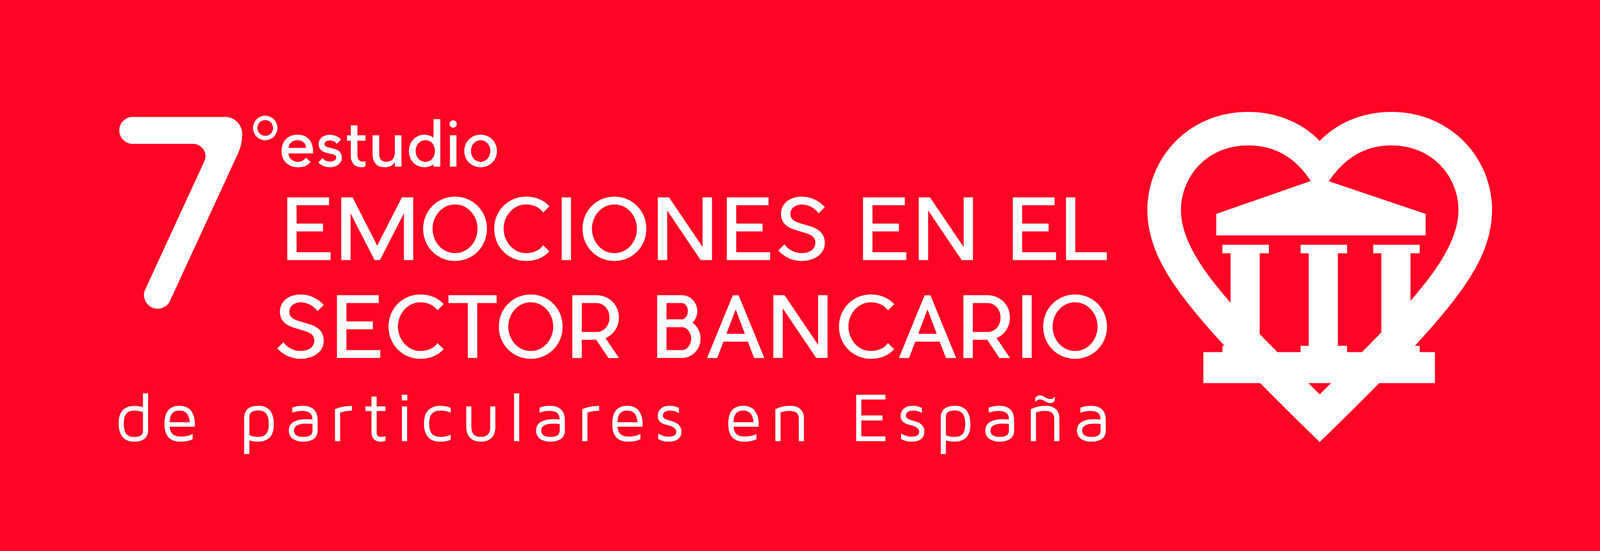 Estudio de Emociones en el Sector Bancario